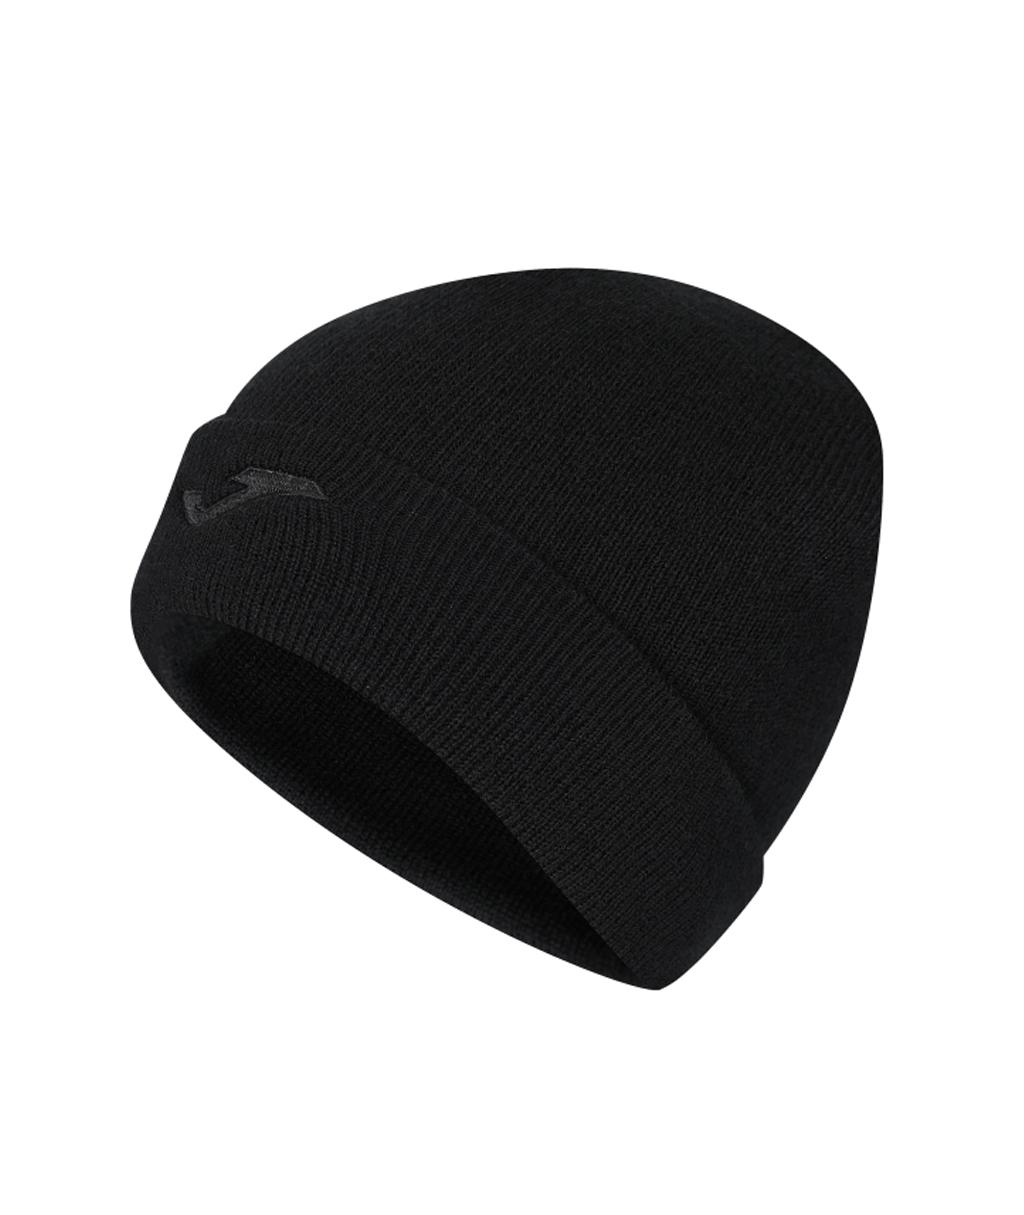 Купить чёрную шапку Joma Gorro 400360.100 в интернет-магазине